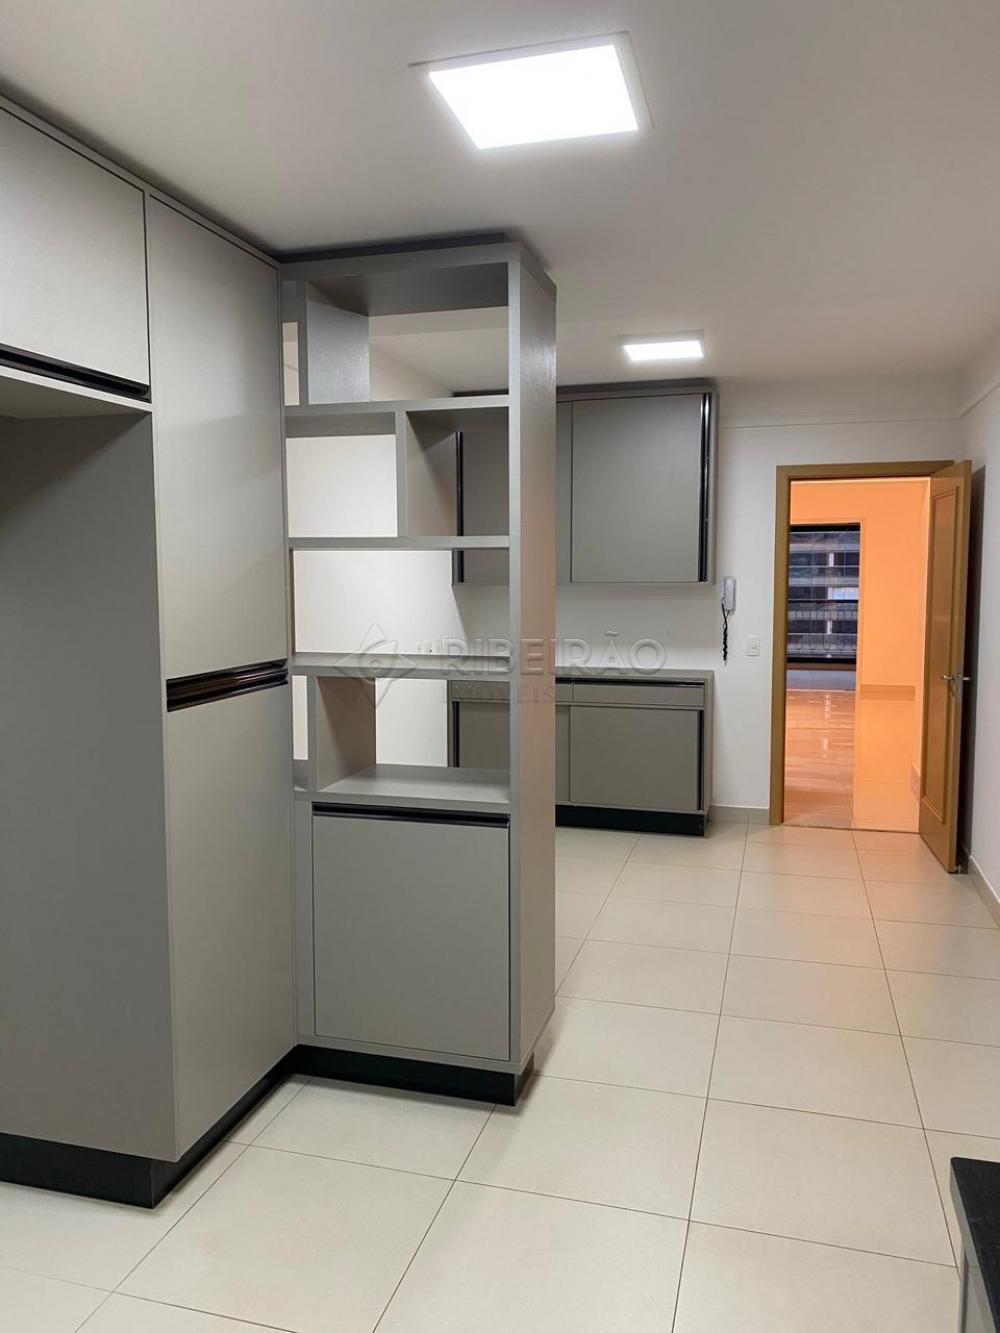 Alugar Apartamento / Padrão em Ribeirão Preto R$ 8.600,00 - Foto 10